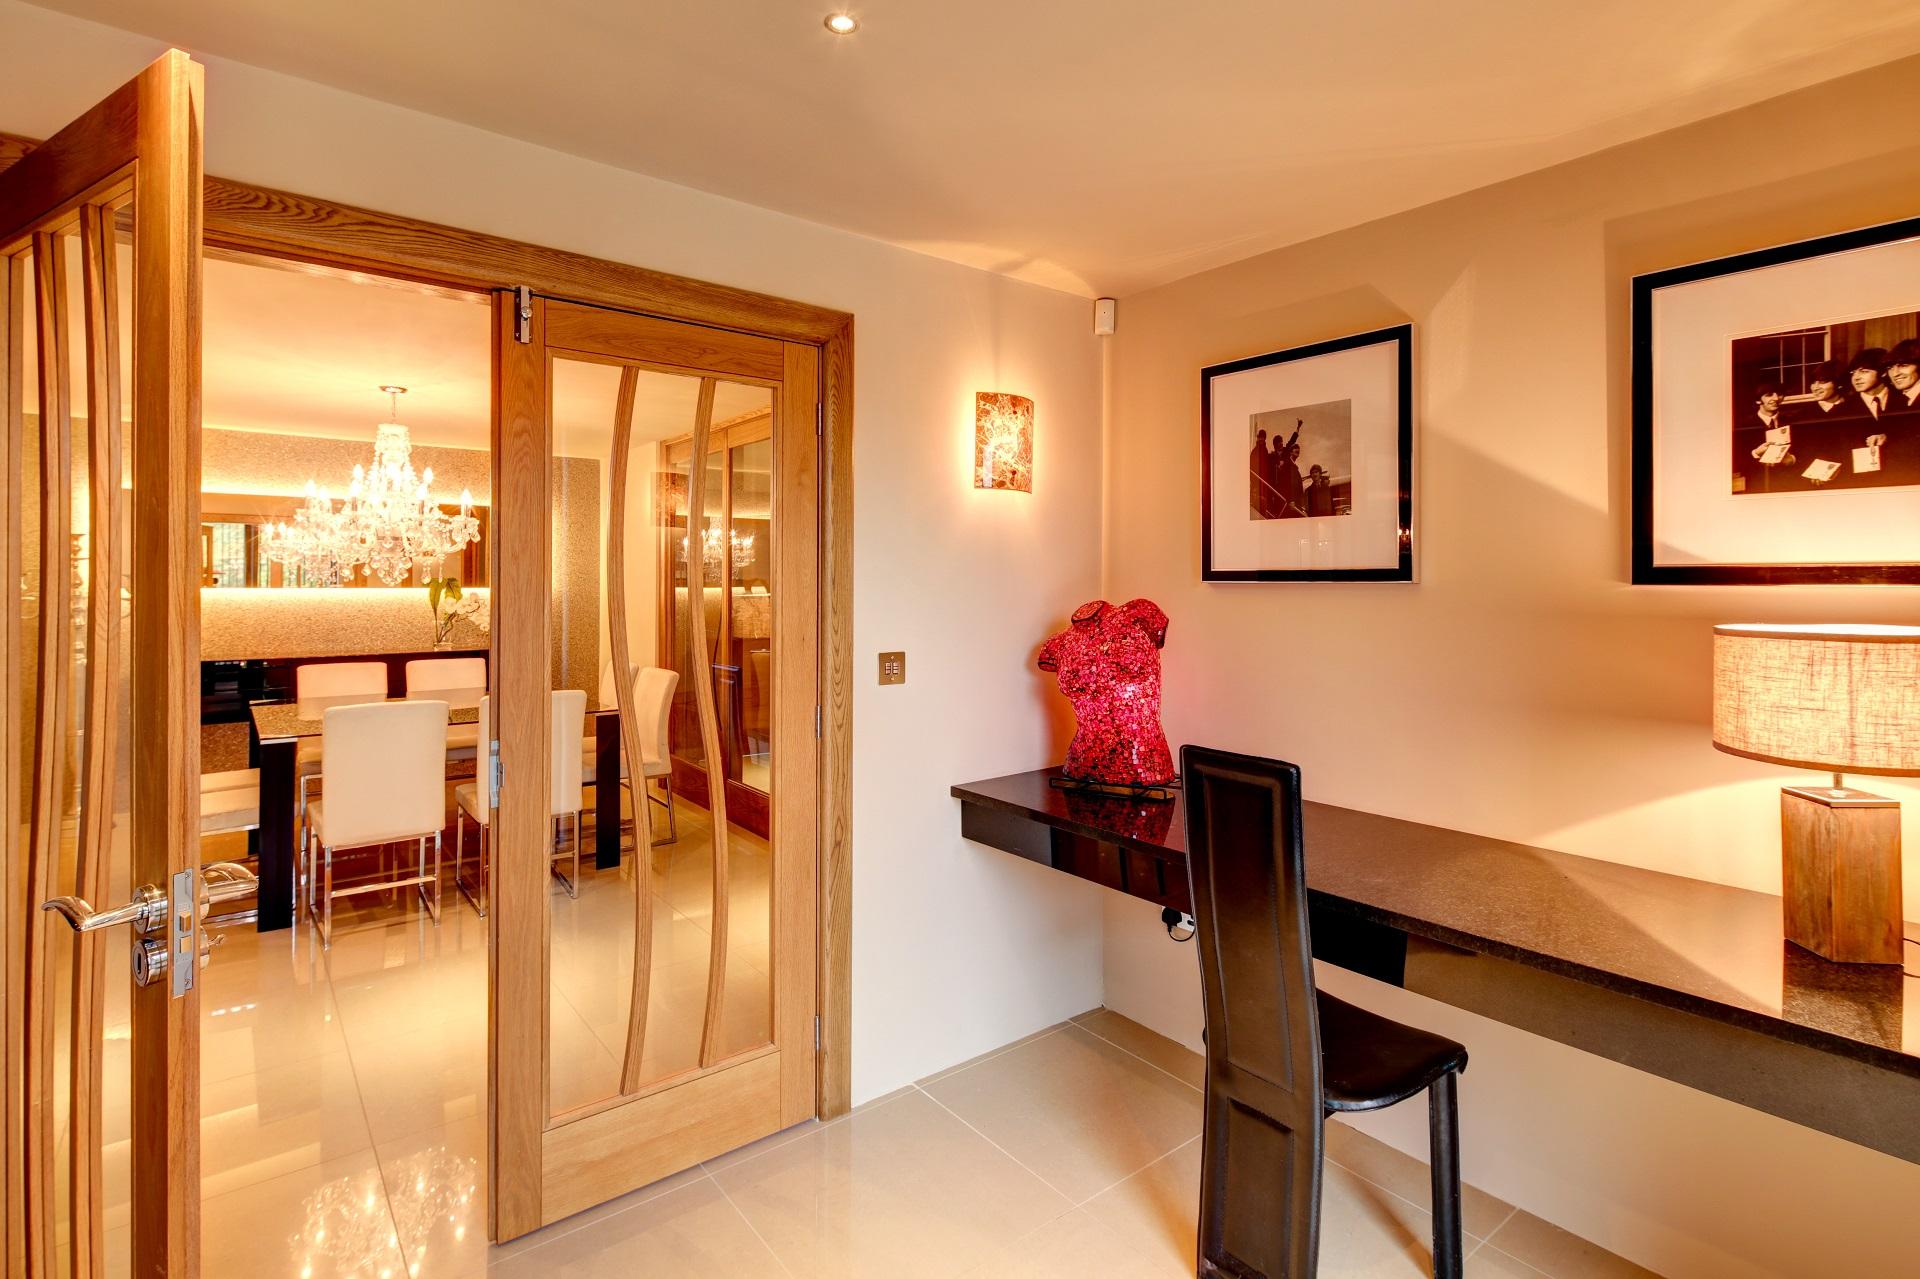 fernhill nottingham, designer desk, doors, dining table